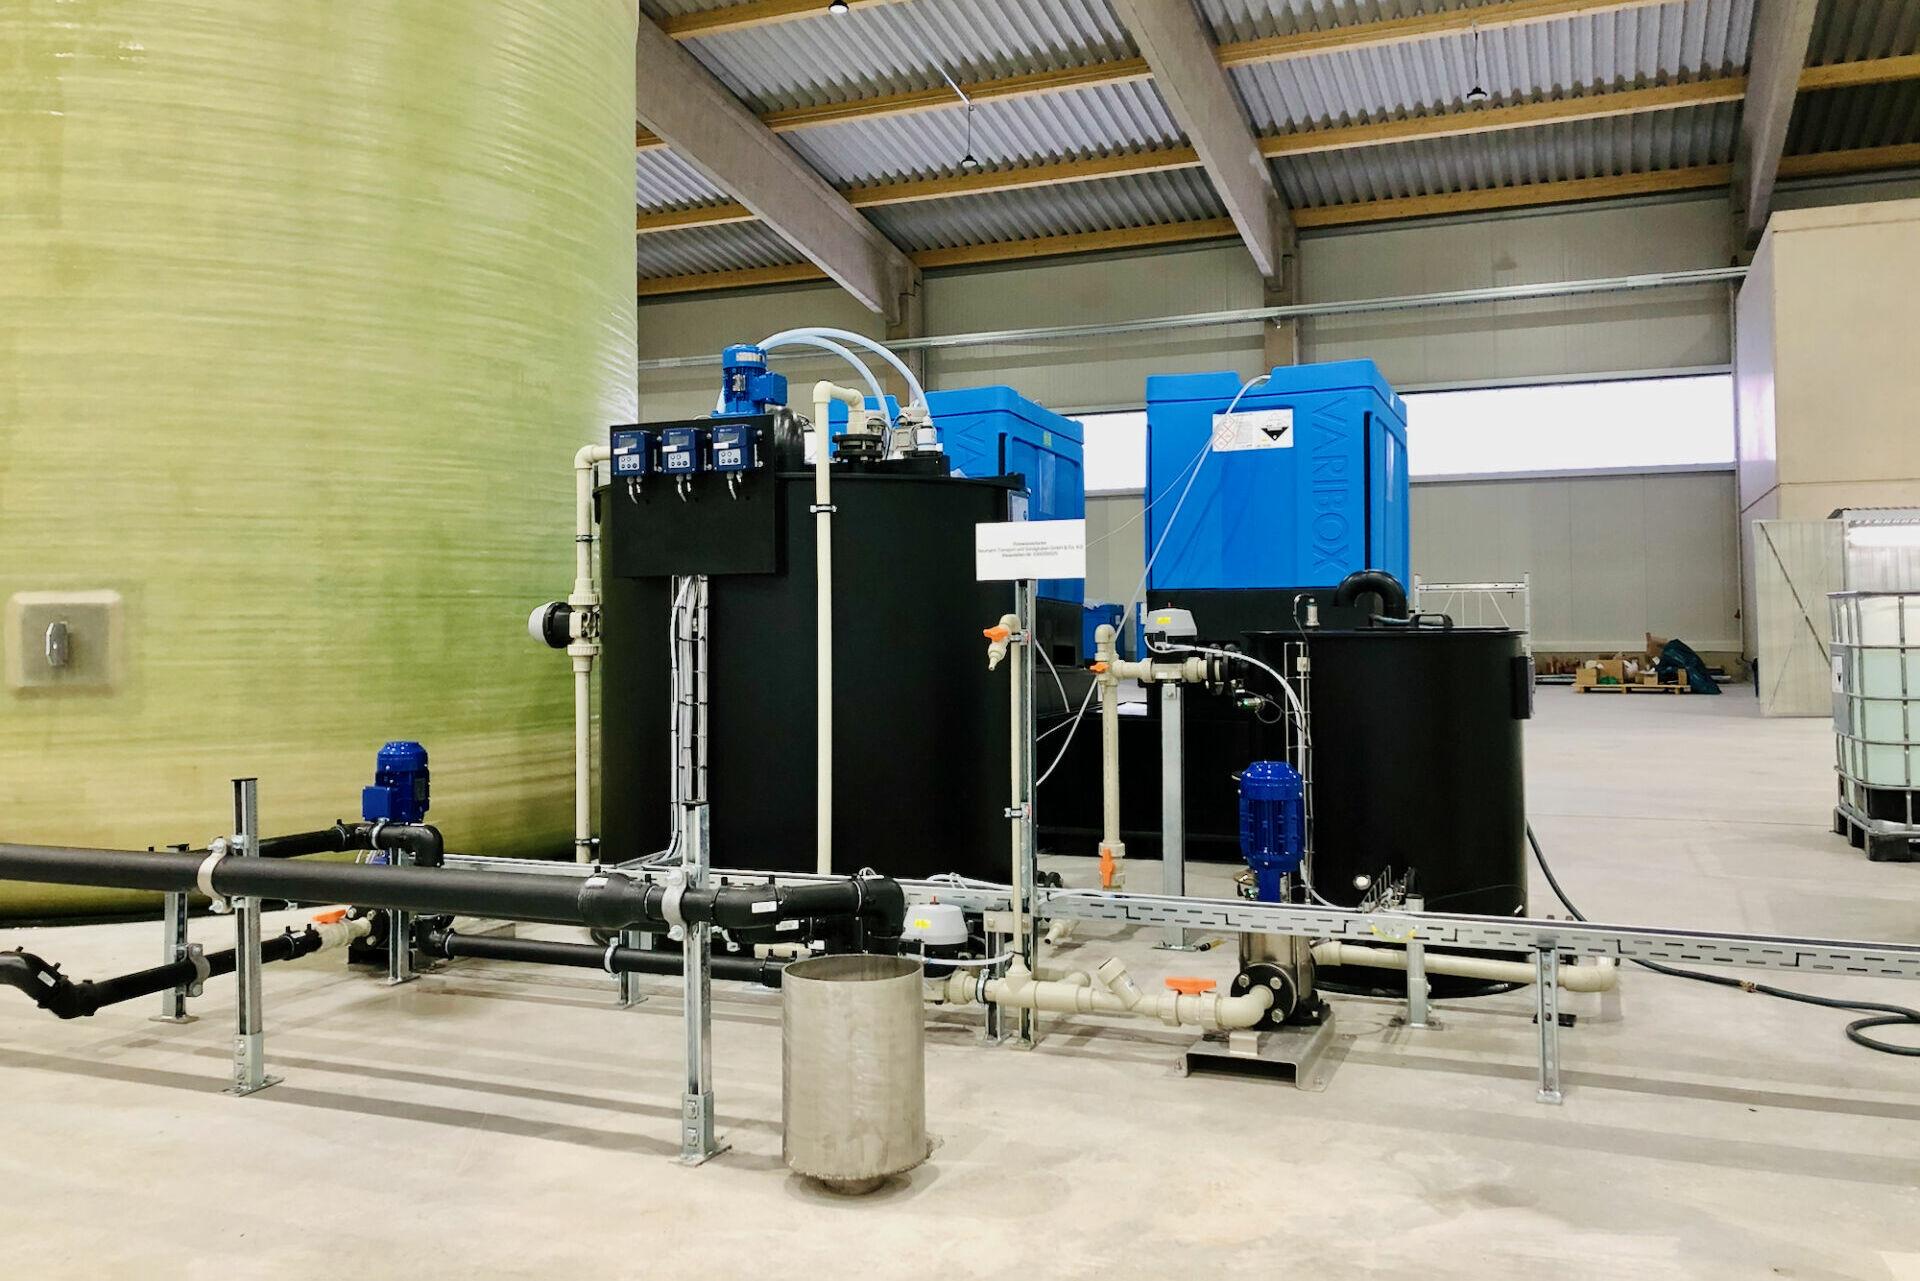 NTS Endkontrolle der Wasseraufbereitungsanlage